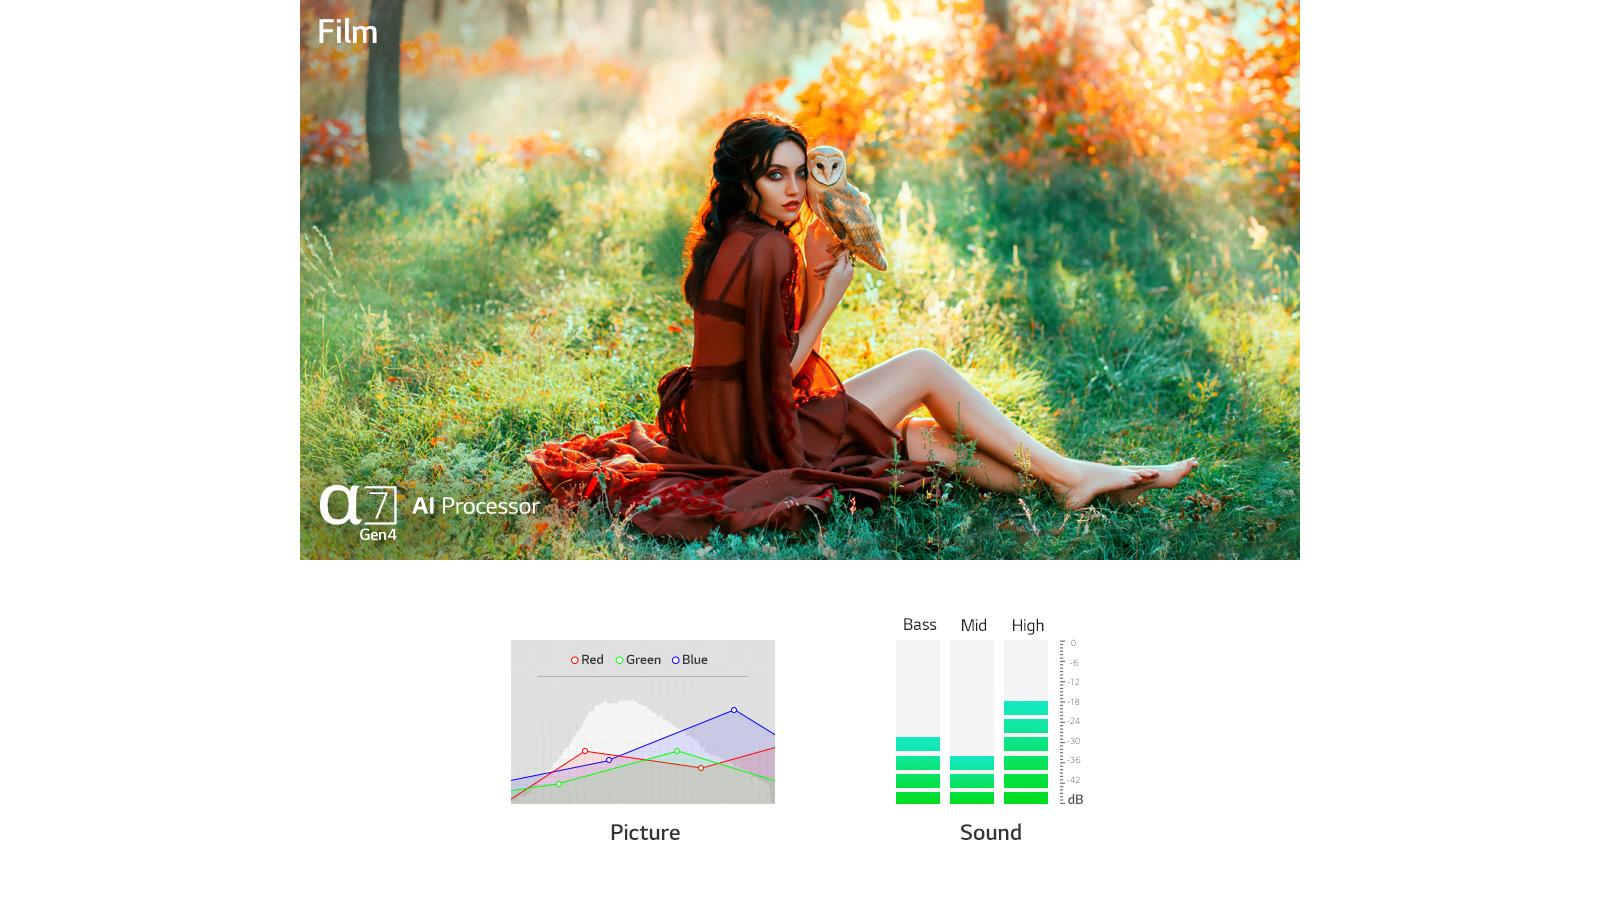 Dwie sceny automatycznie optymalizowane pod względem dźwięku i obrazu przez procesor a7 Gen4 AI (odtwórz film)